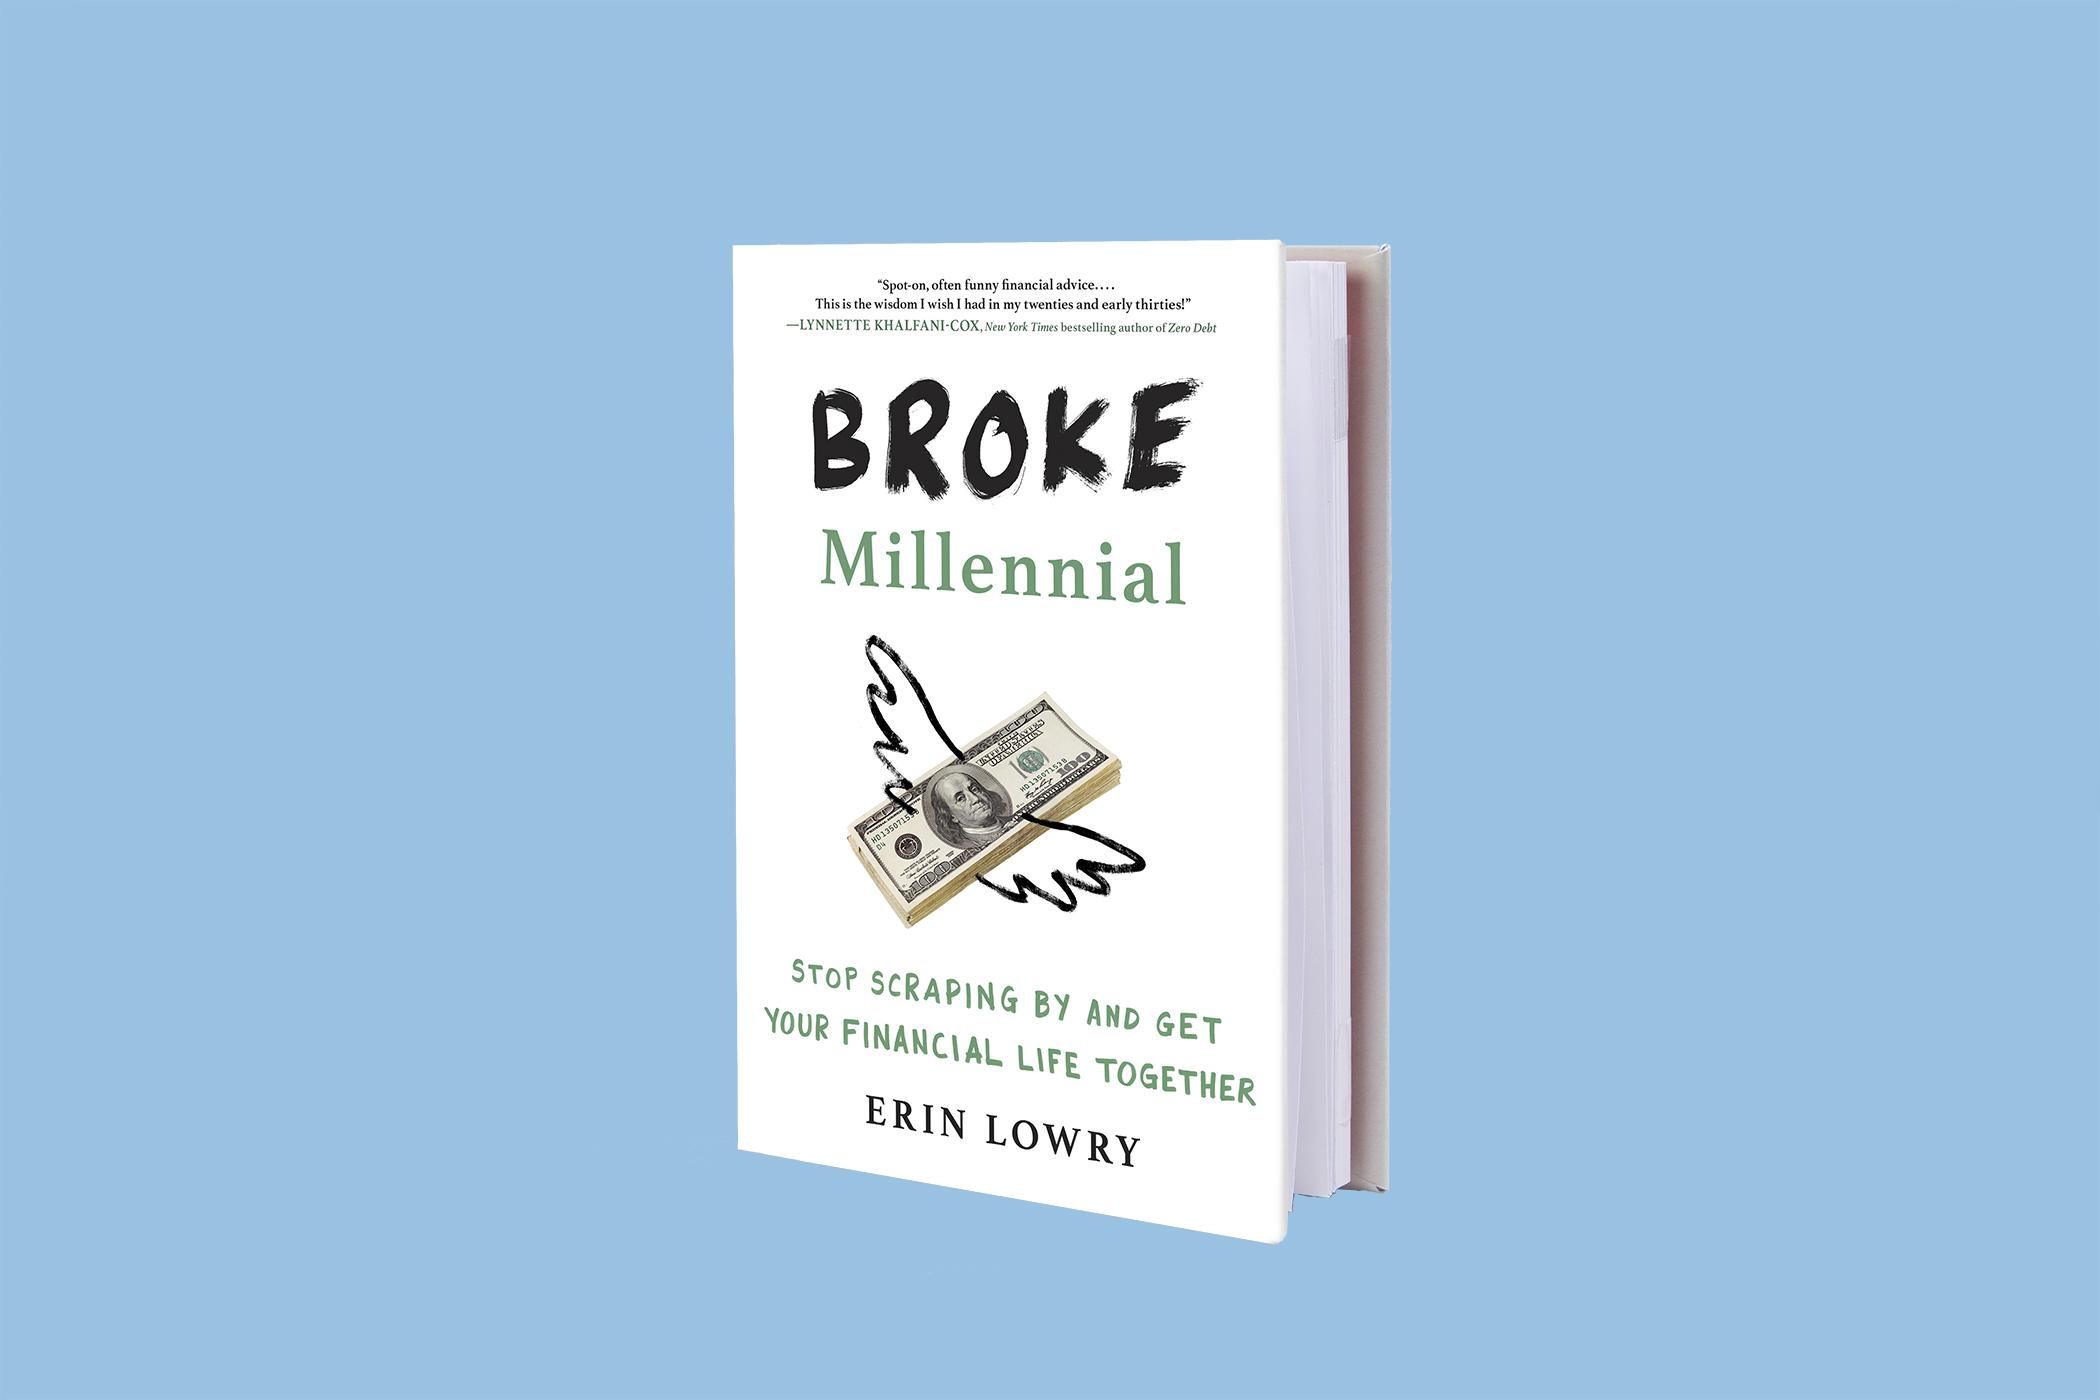 170427-book-broke-millennial